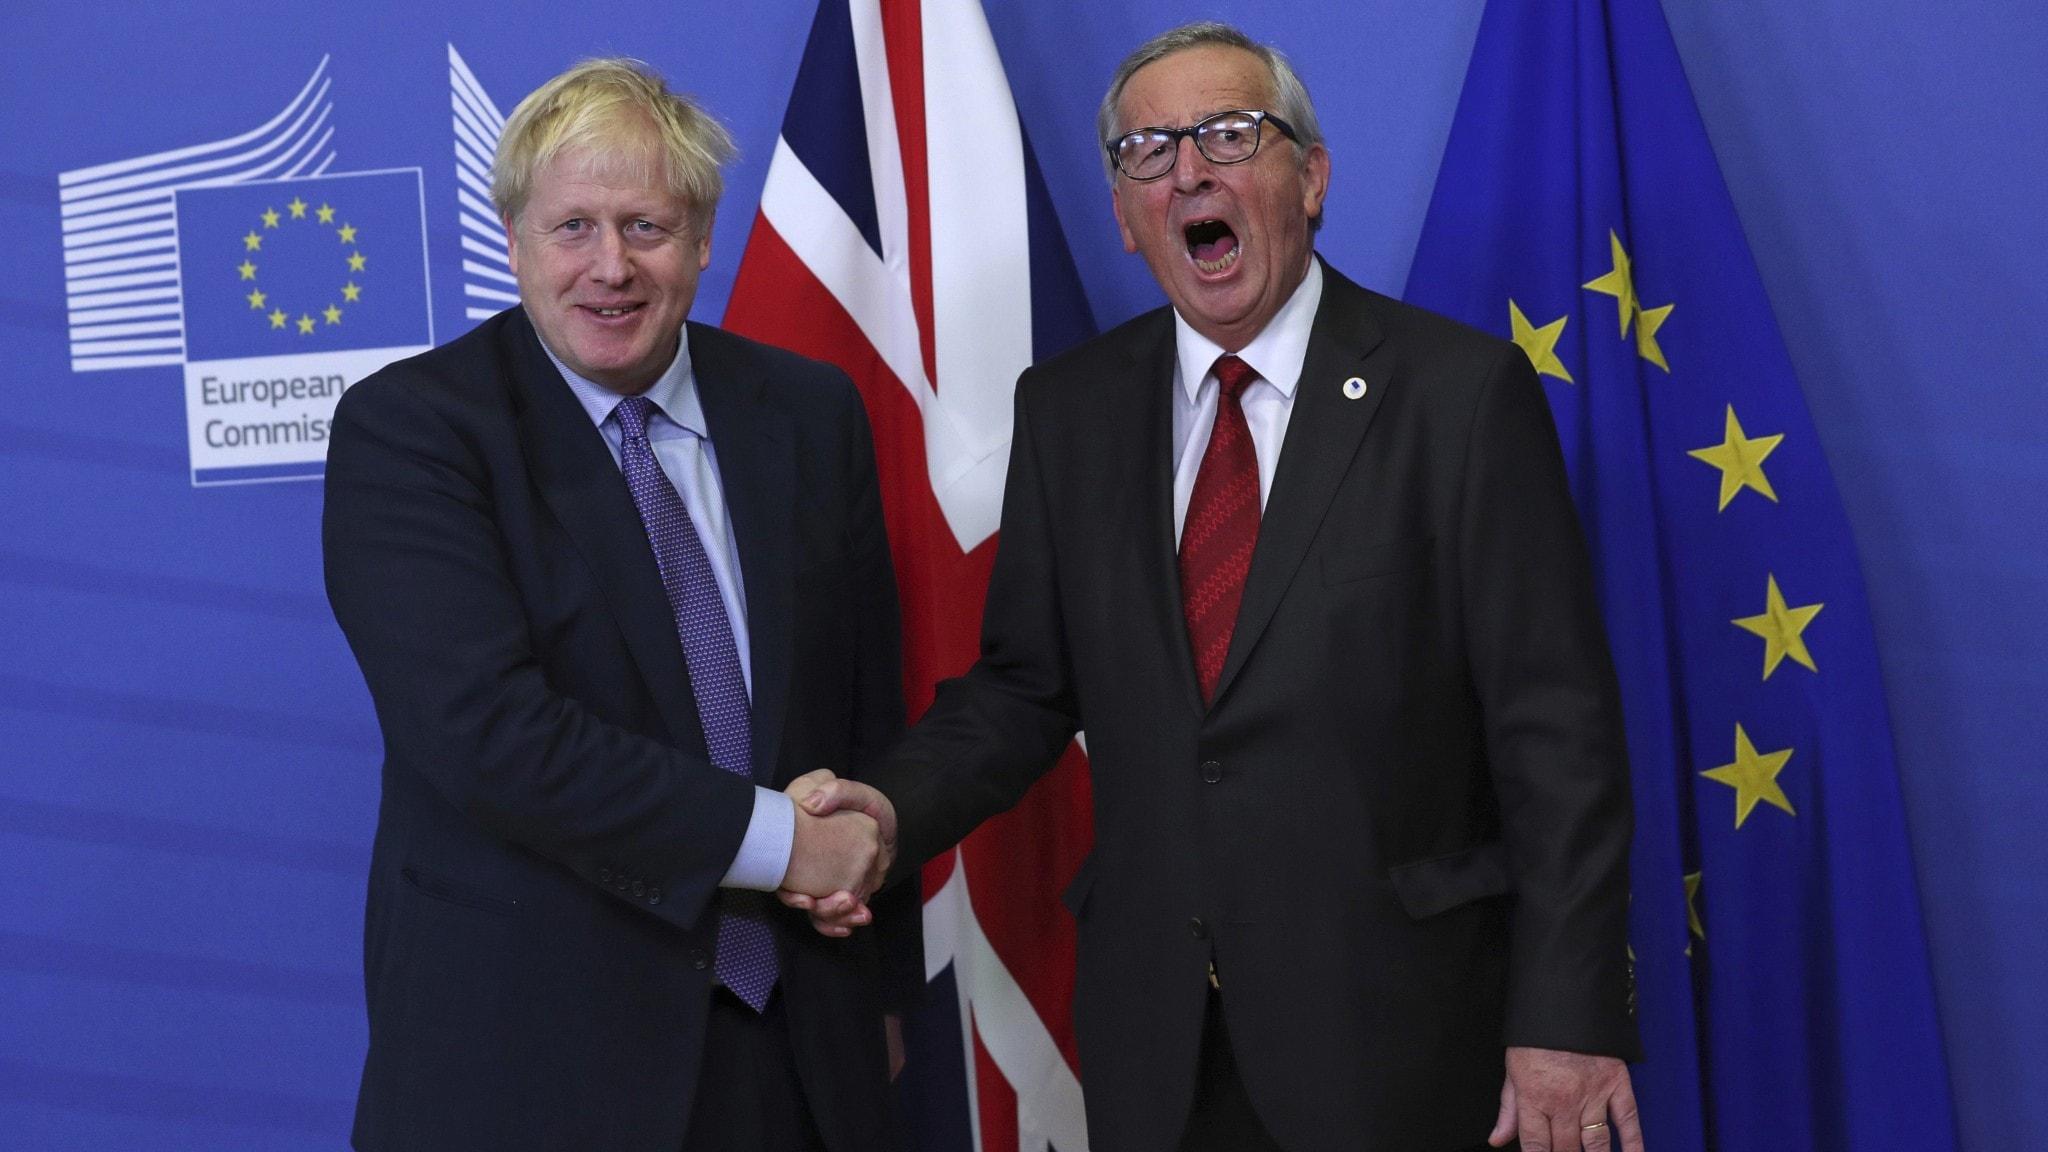 Avtal klart mellan EU och Storbrittanien om Brexit